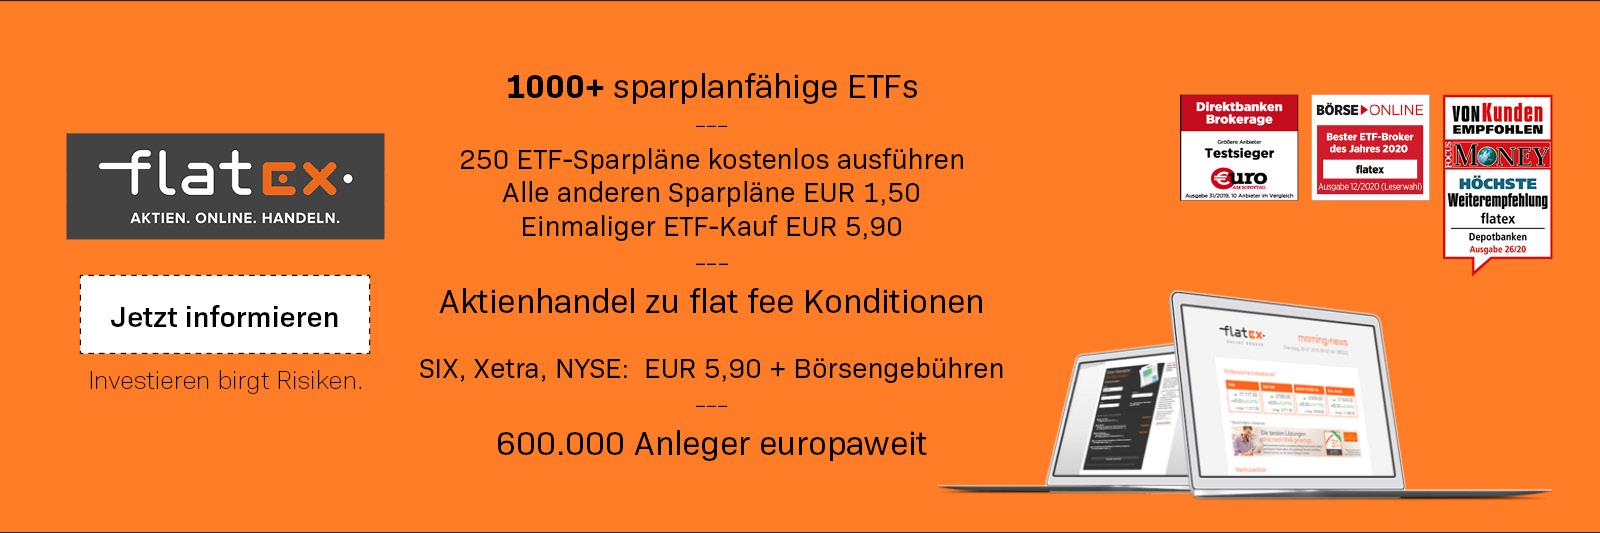 flatex Schweiz Online Broker